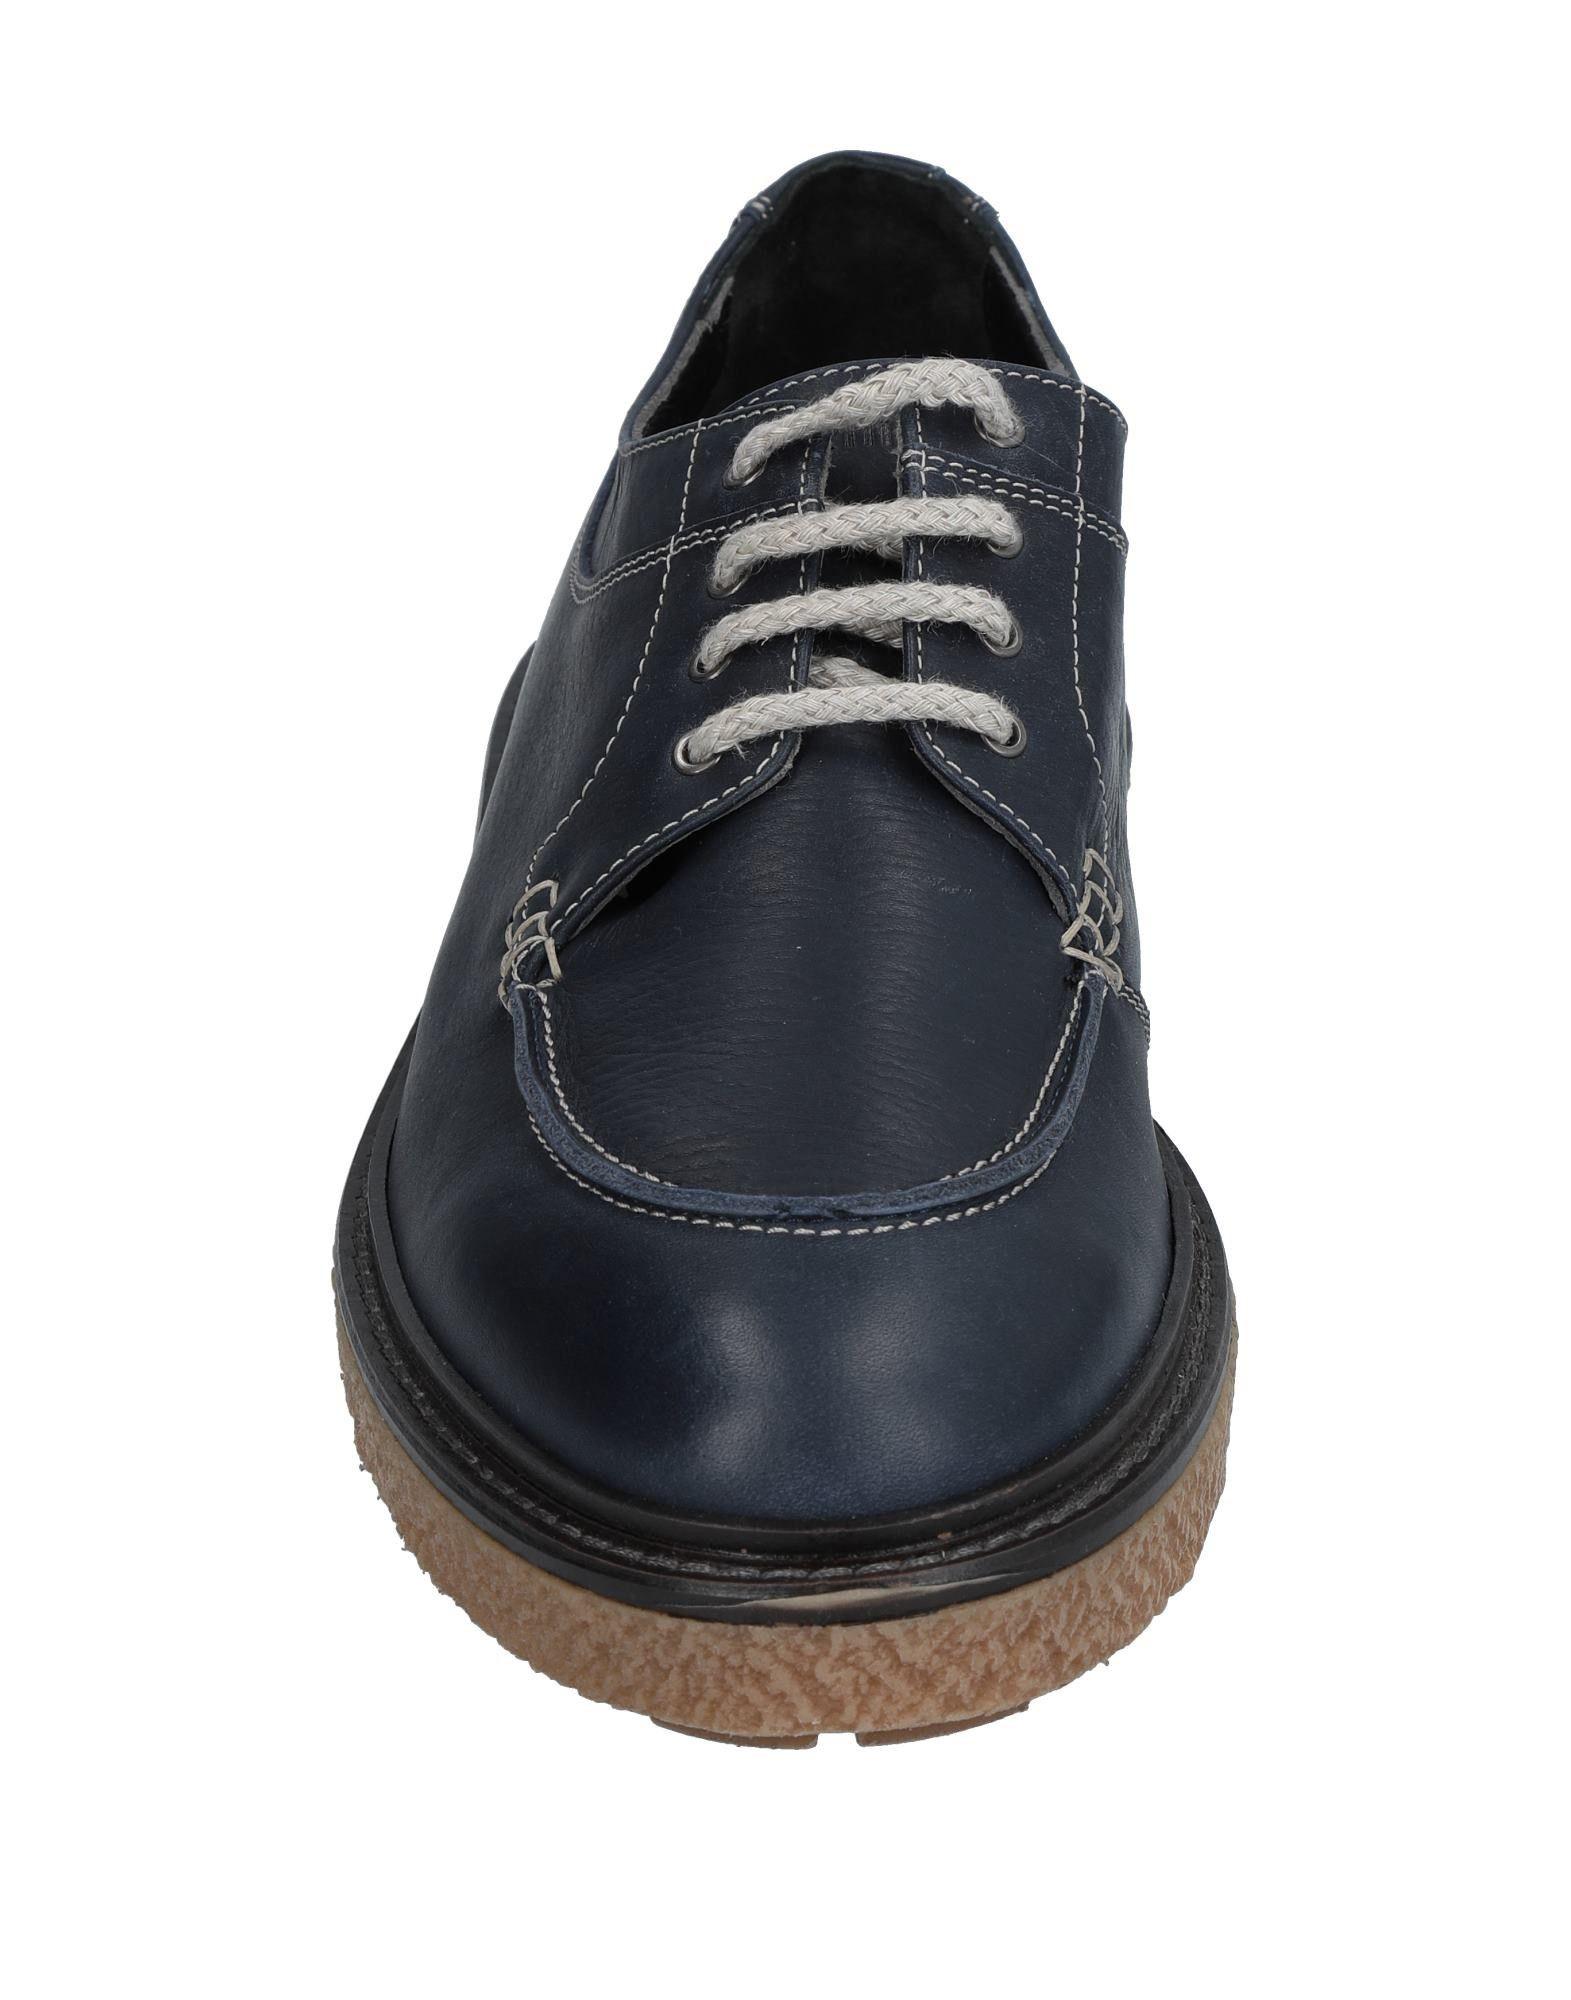 Rabatt Schnürschuhe echte Schuhe Andrea Morelli Schnürschuhe Rabatt Herren  11527602VH 34de13